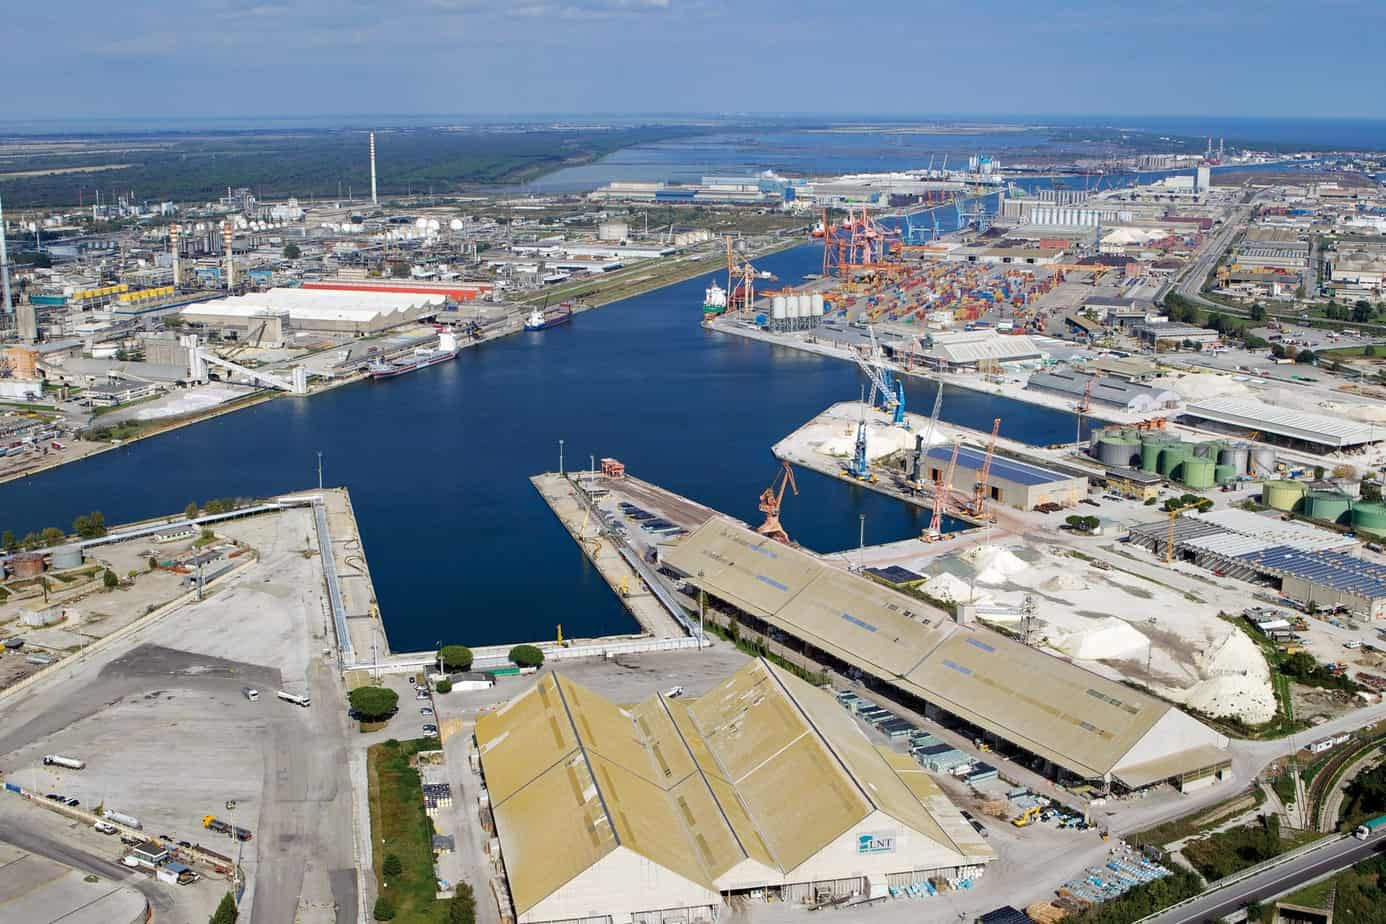 Una panoramica delle merci movimentate dal porto di Ravenna, dalle rinfuse ai container